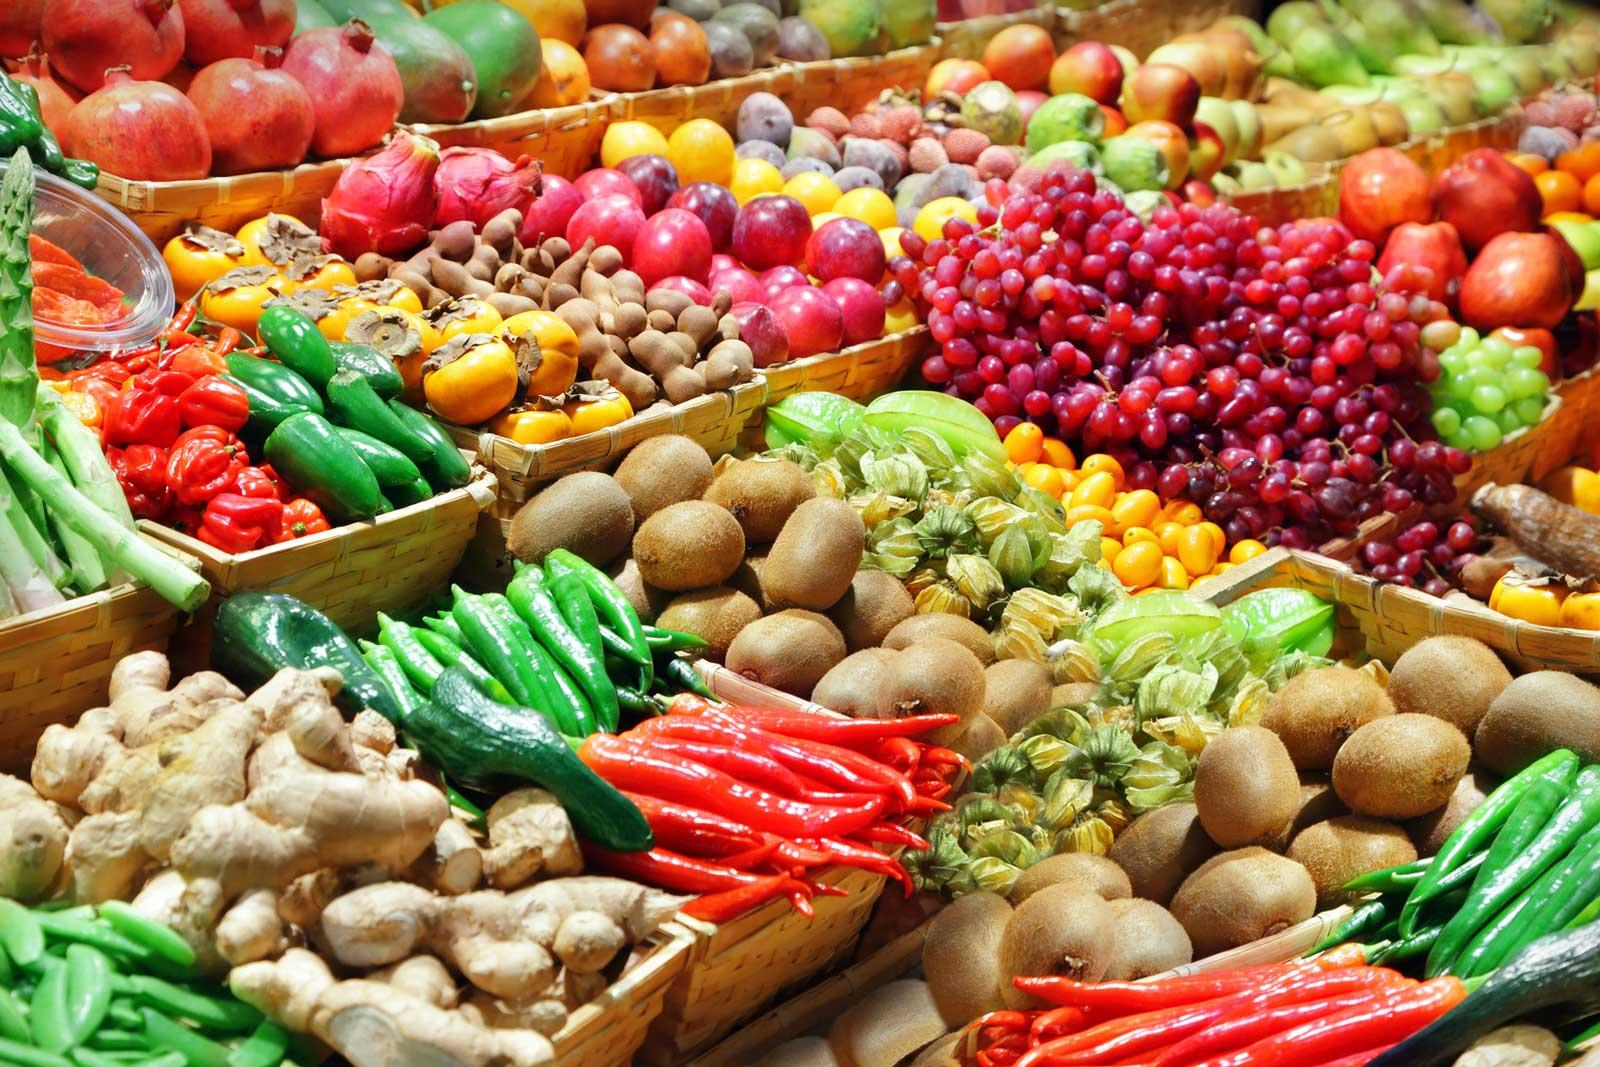 Азербайджан увеличил экспорт овощей и фруктов на 31%